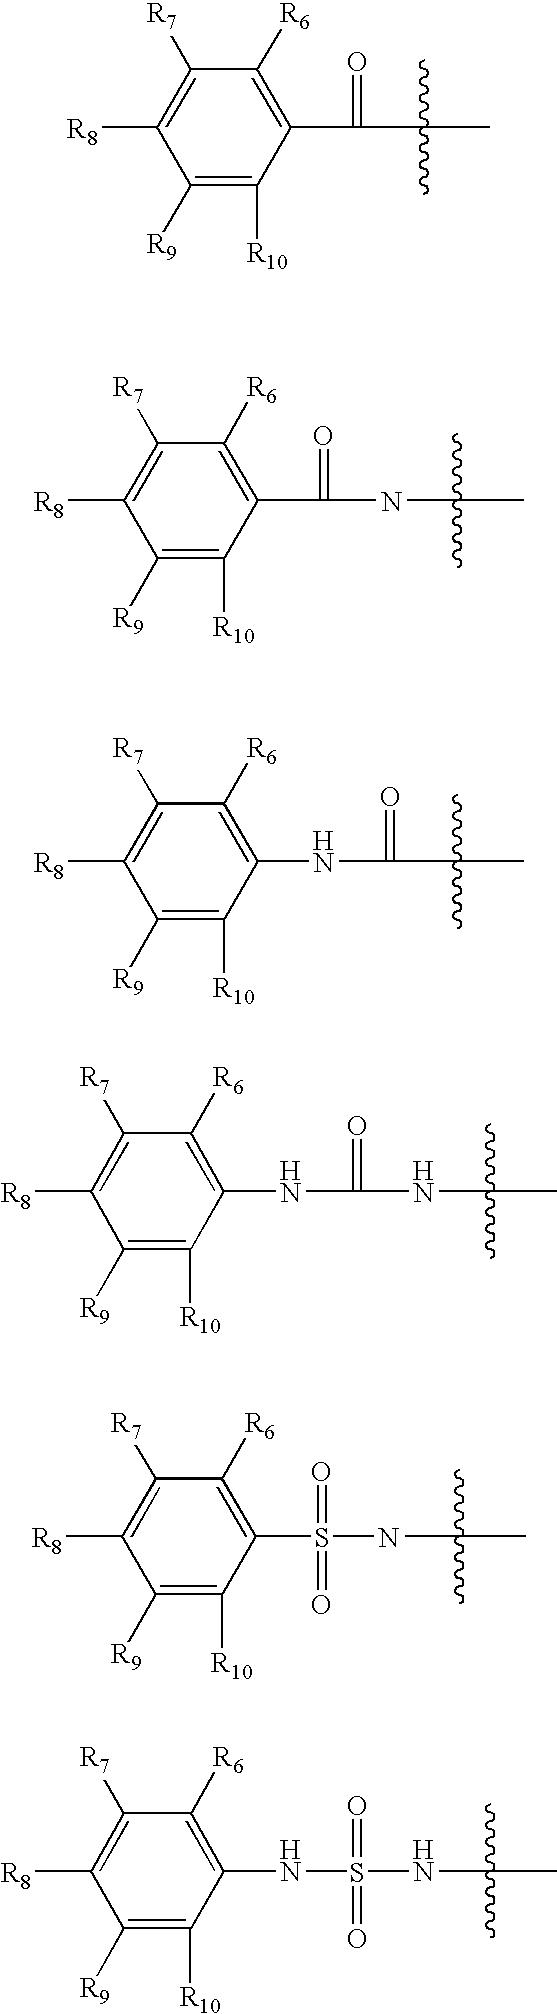 Figure US20060216339A1-20060928-C00025